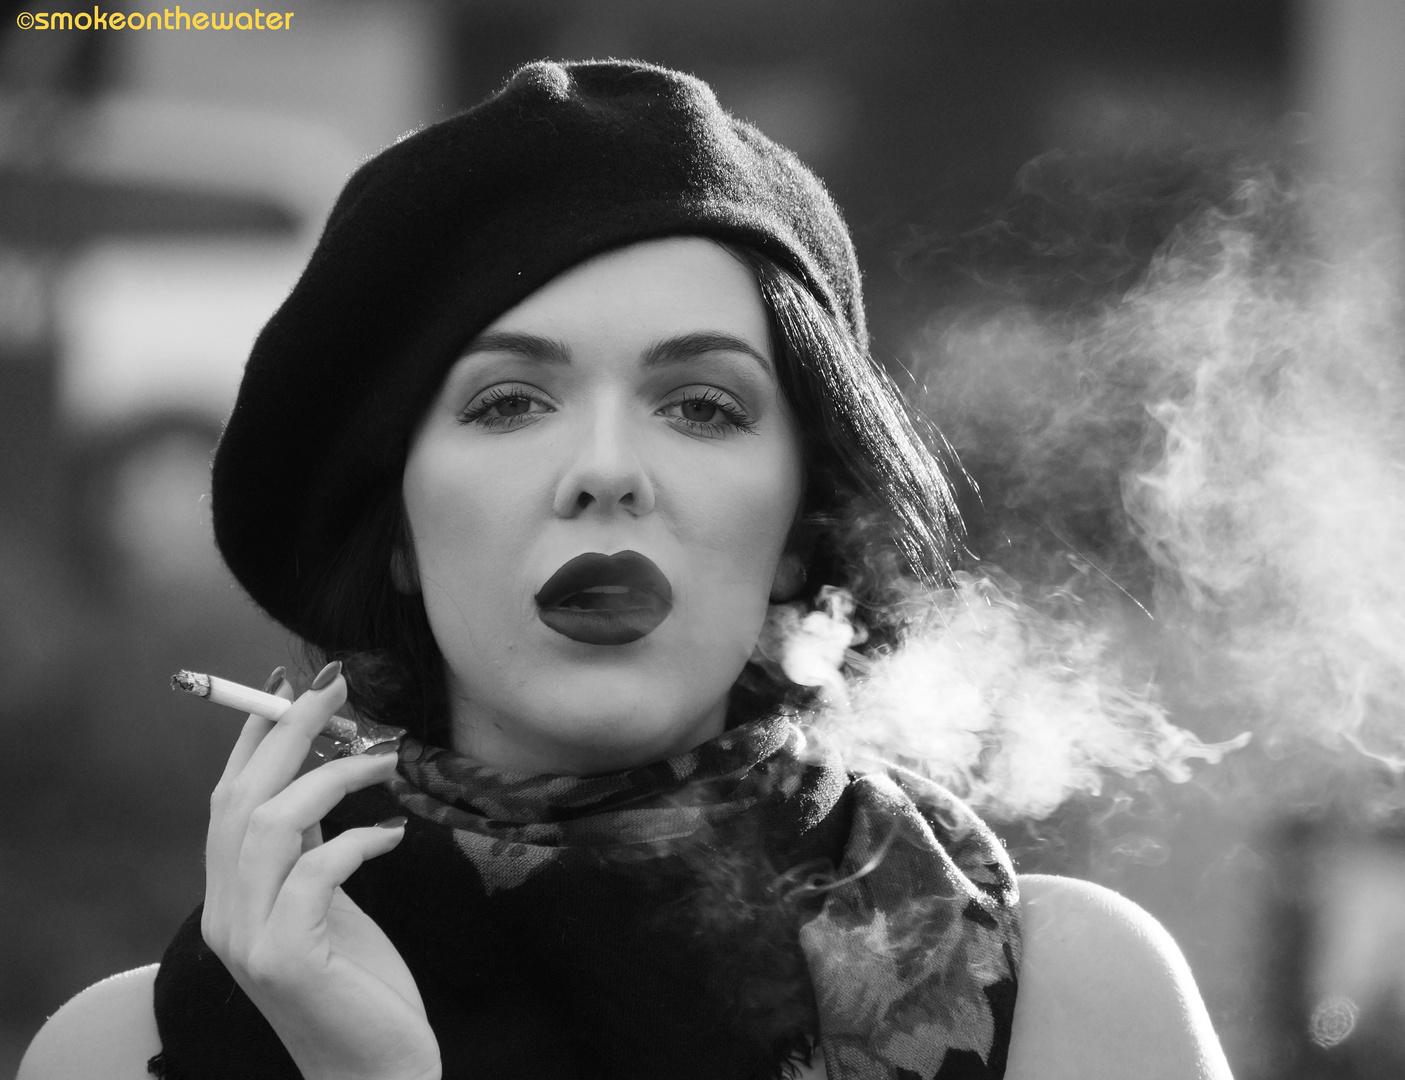 Rauchen lässt den Blutdruck (des Betrachters) steigen Foto..